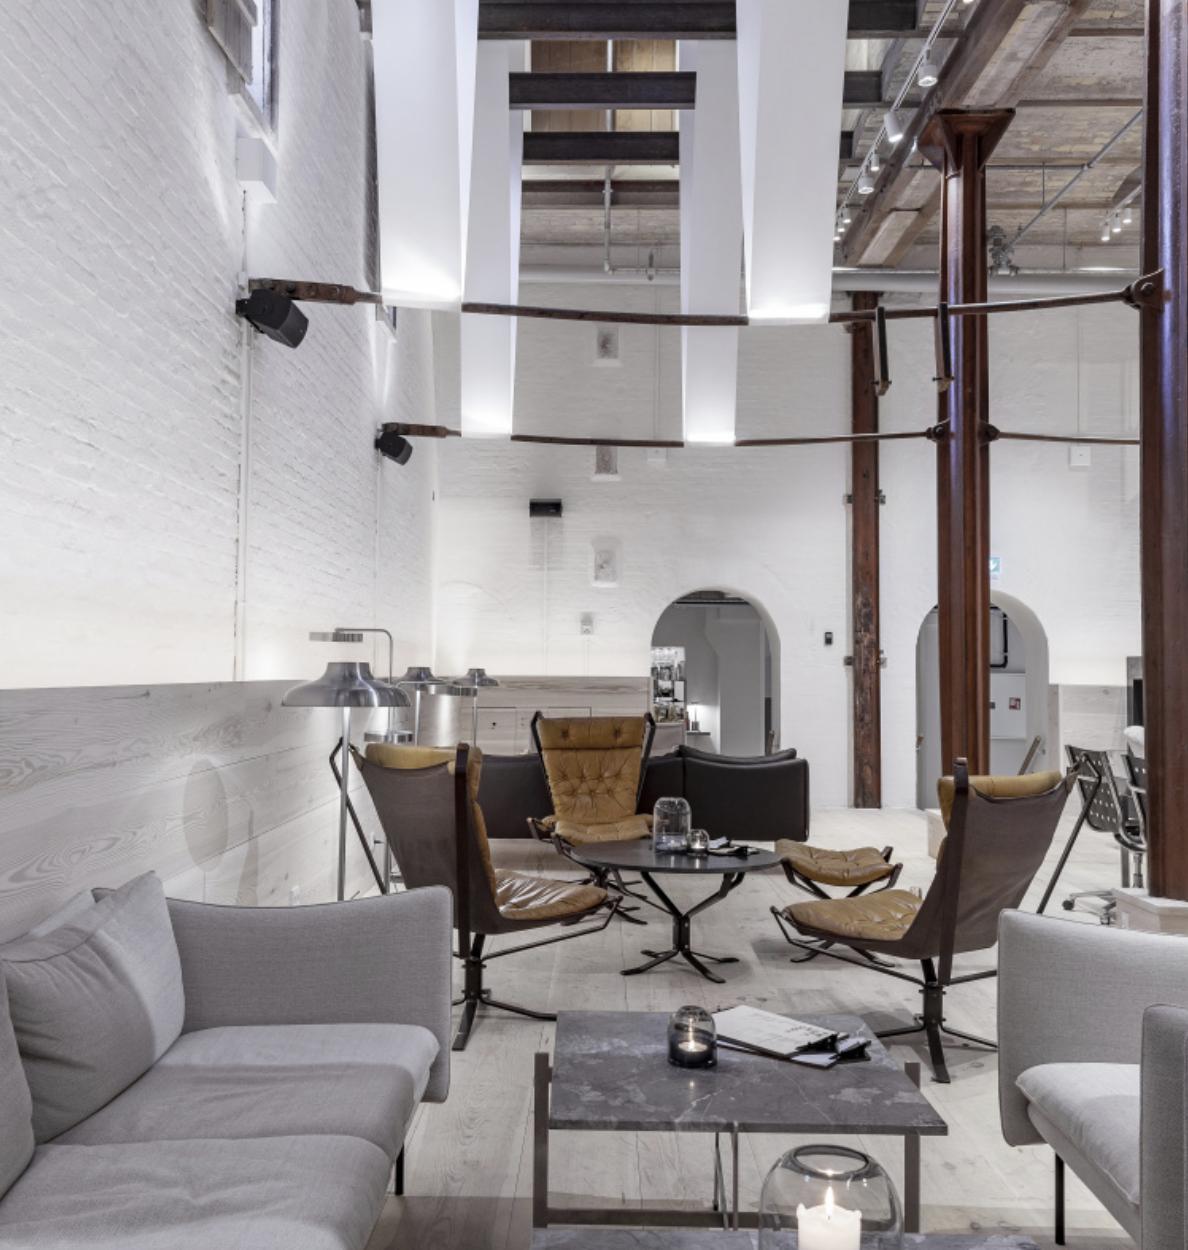 SLEEP_  OTTILIA.  #Carlsberg #Minimalistic #Suburb #Industrial #Spa    https://www.brochner-hotels.com/hotel-ottilia/